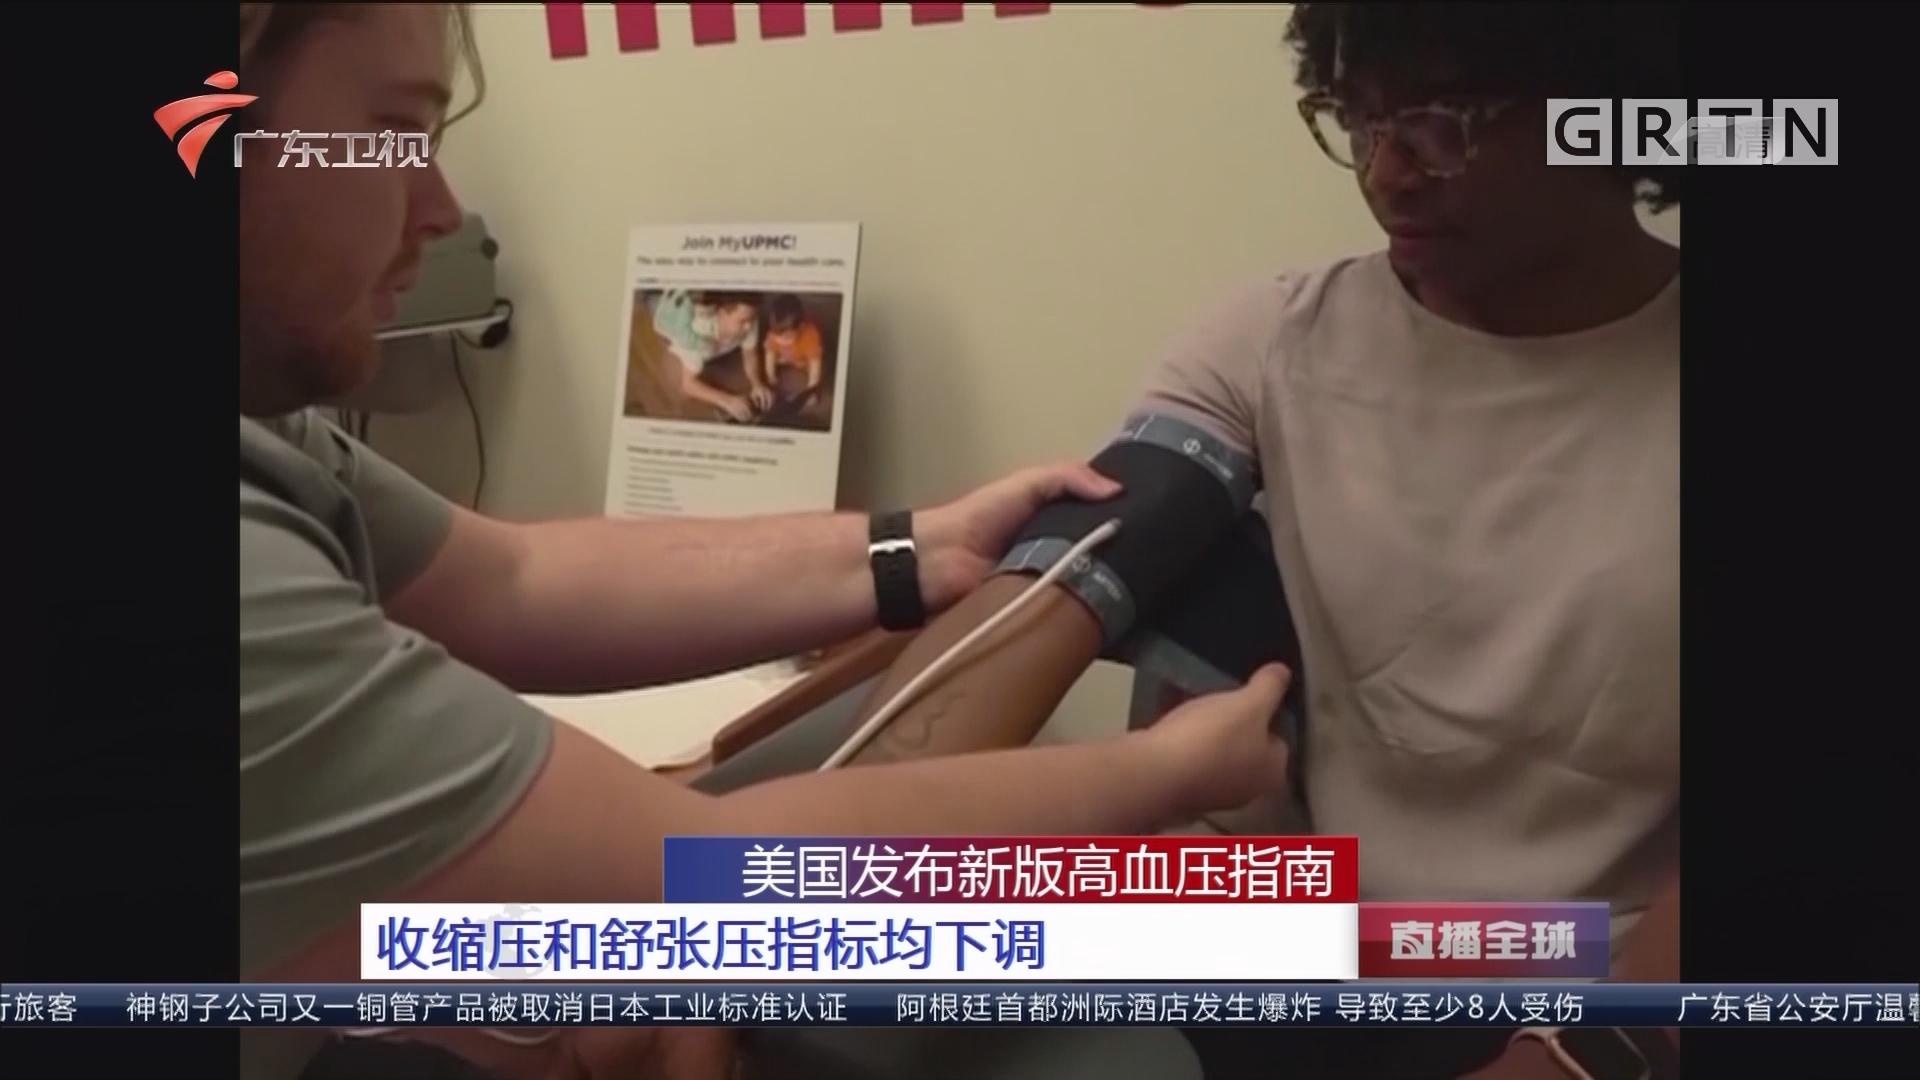 美国发布新版高血压指南 收缩压和舒张压指标均下调